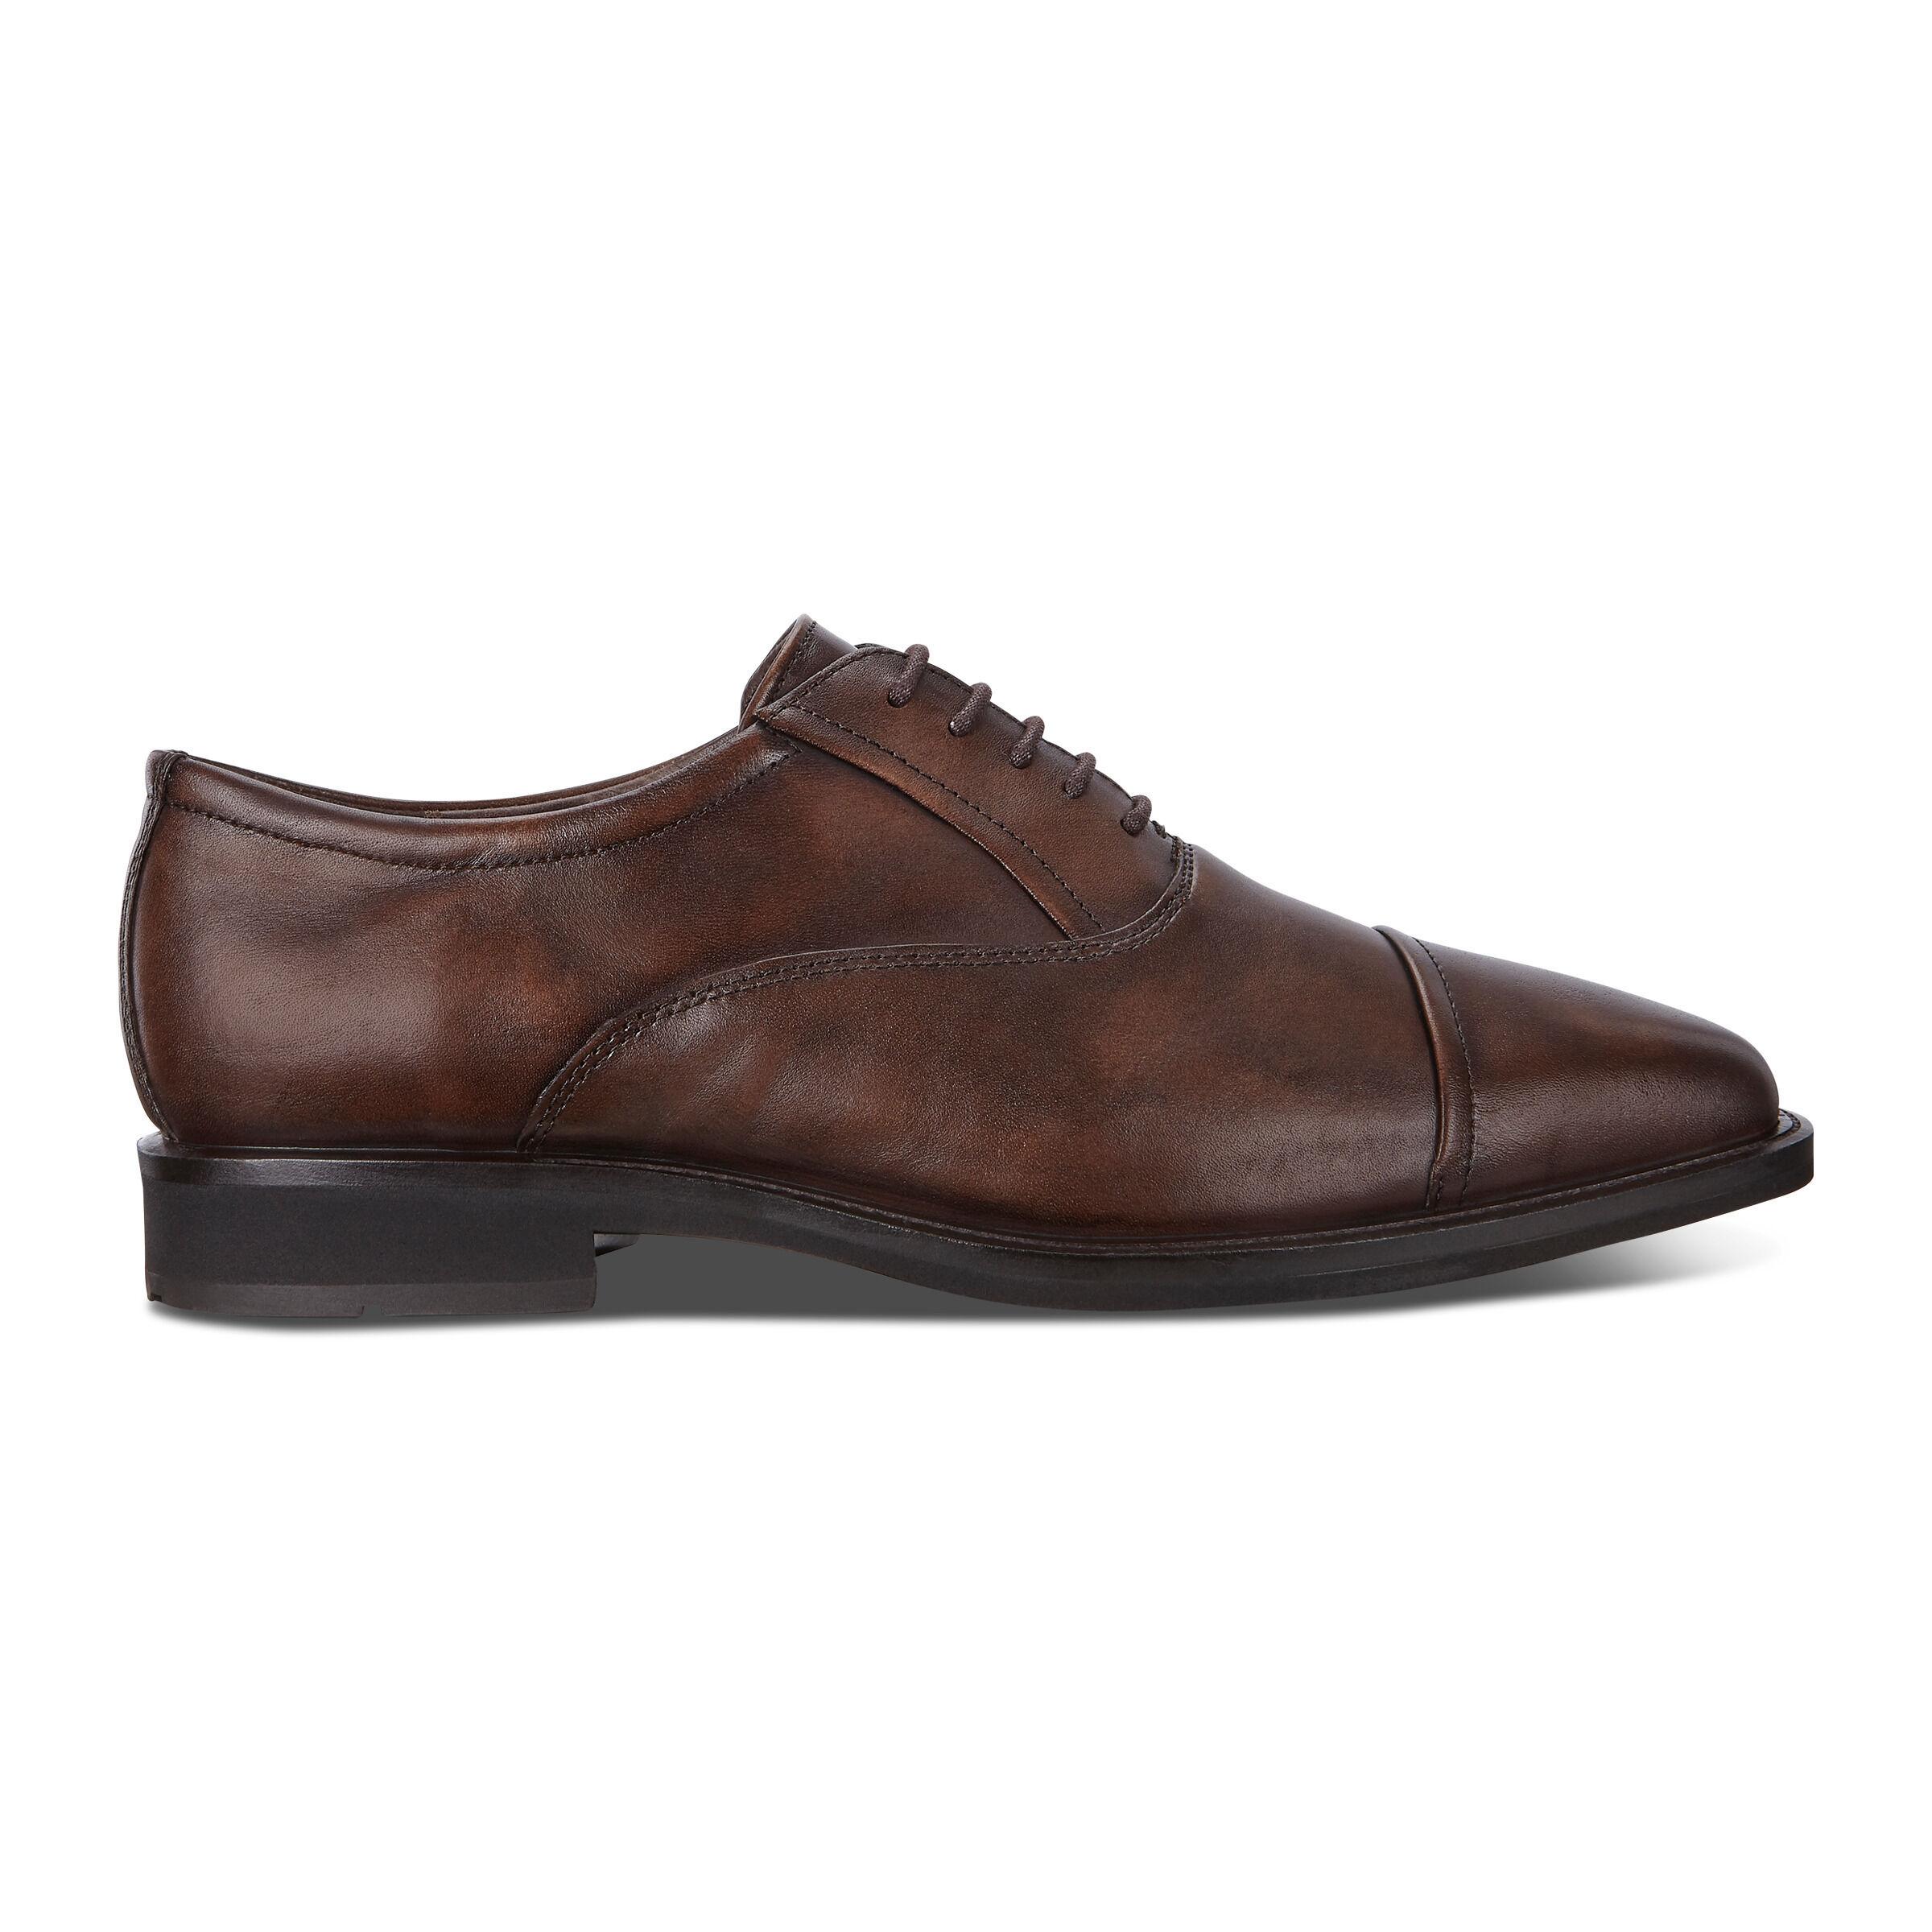 ECCO Calcan Mens Dress Shoe